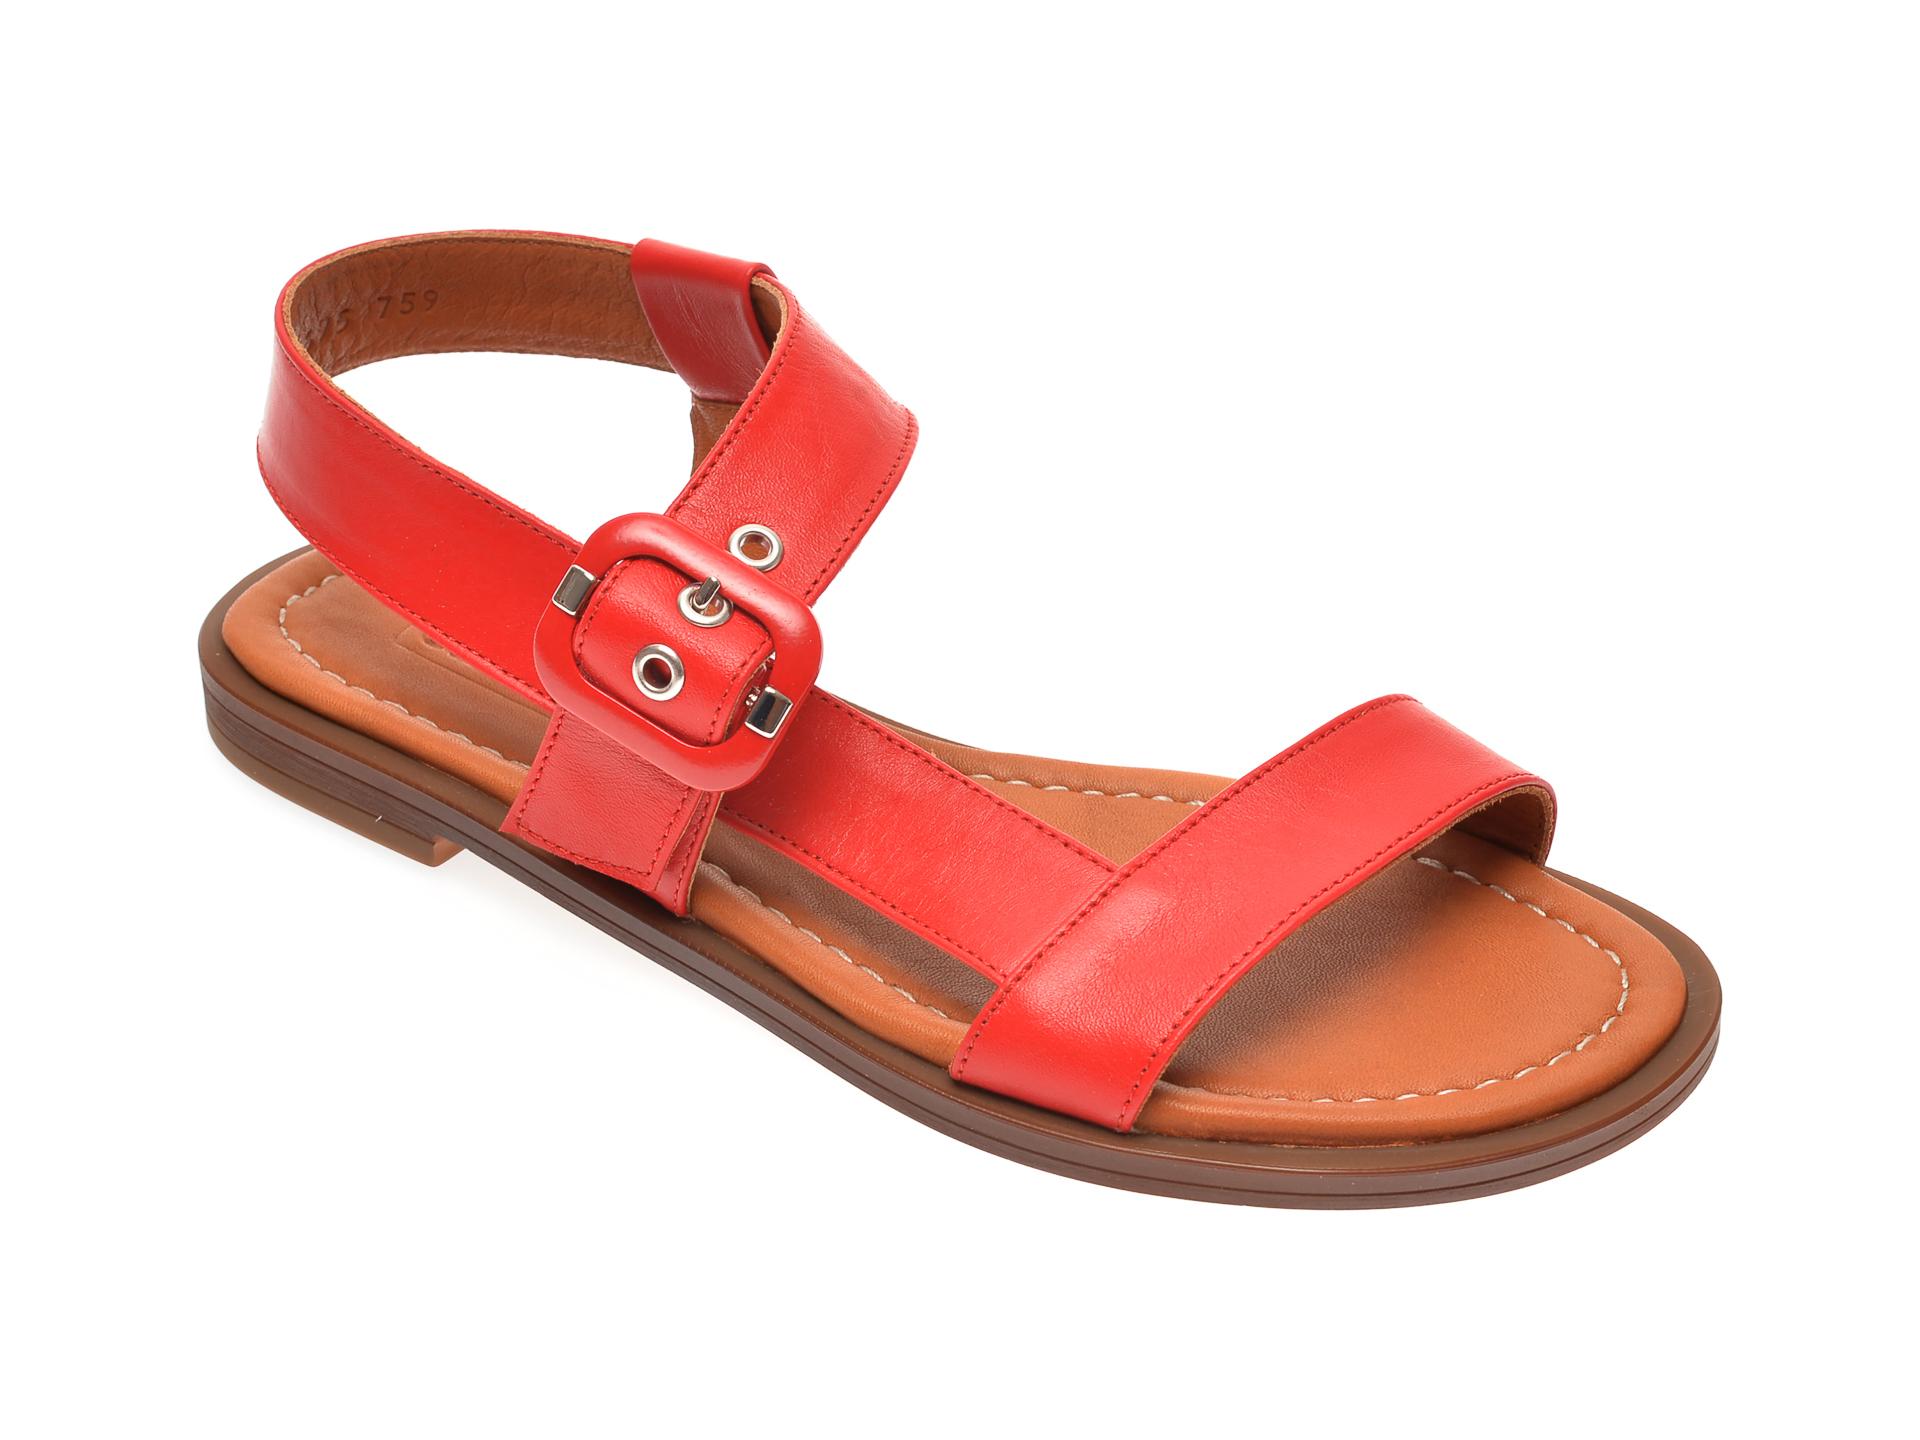 Sandale FLAVIA PASSINI rosii, 0021695, din piele naturala